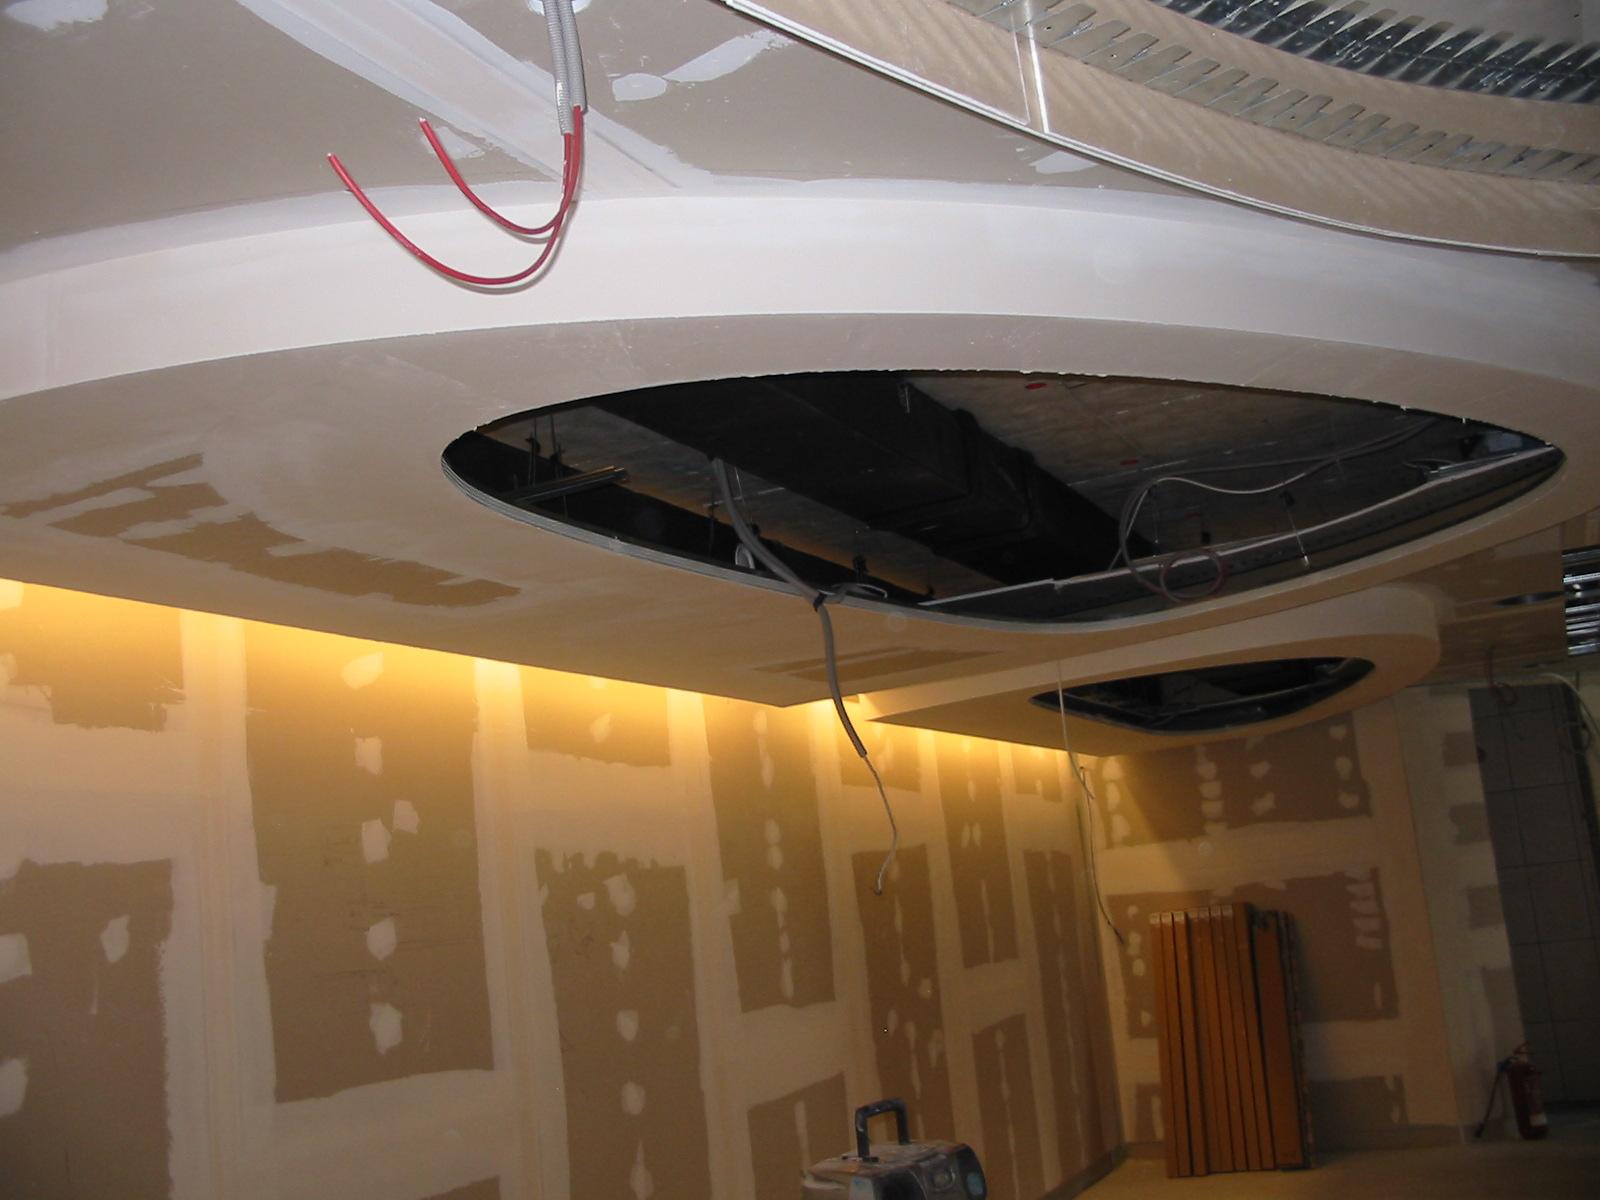 Izdelava dekorativnih svetilk organskih oblik v kombinaciji z barisol stropom